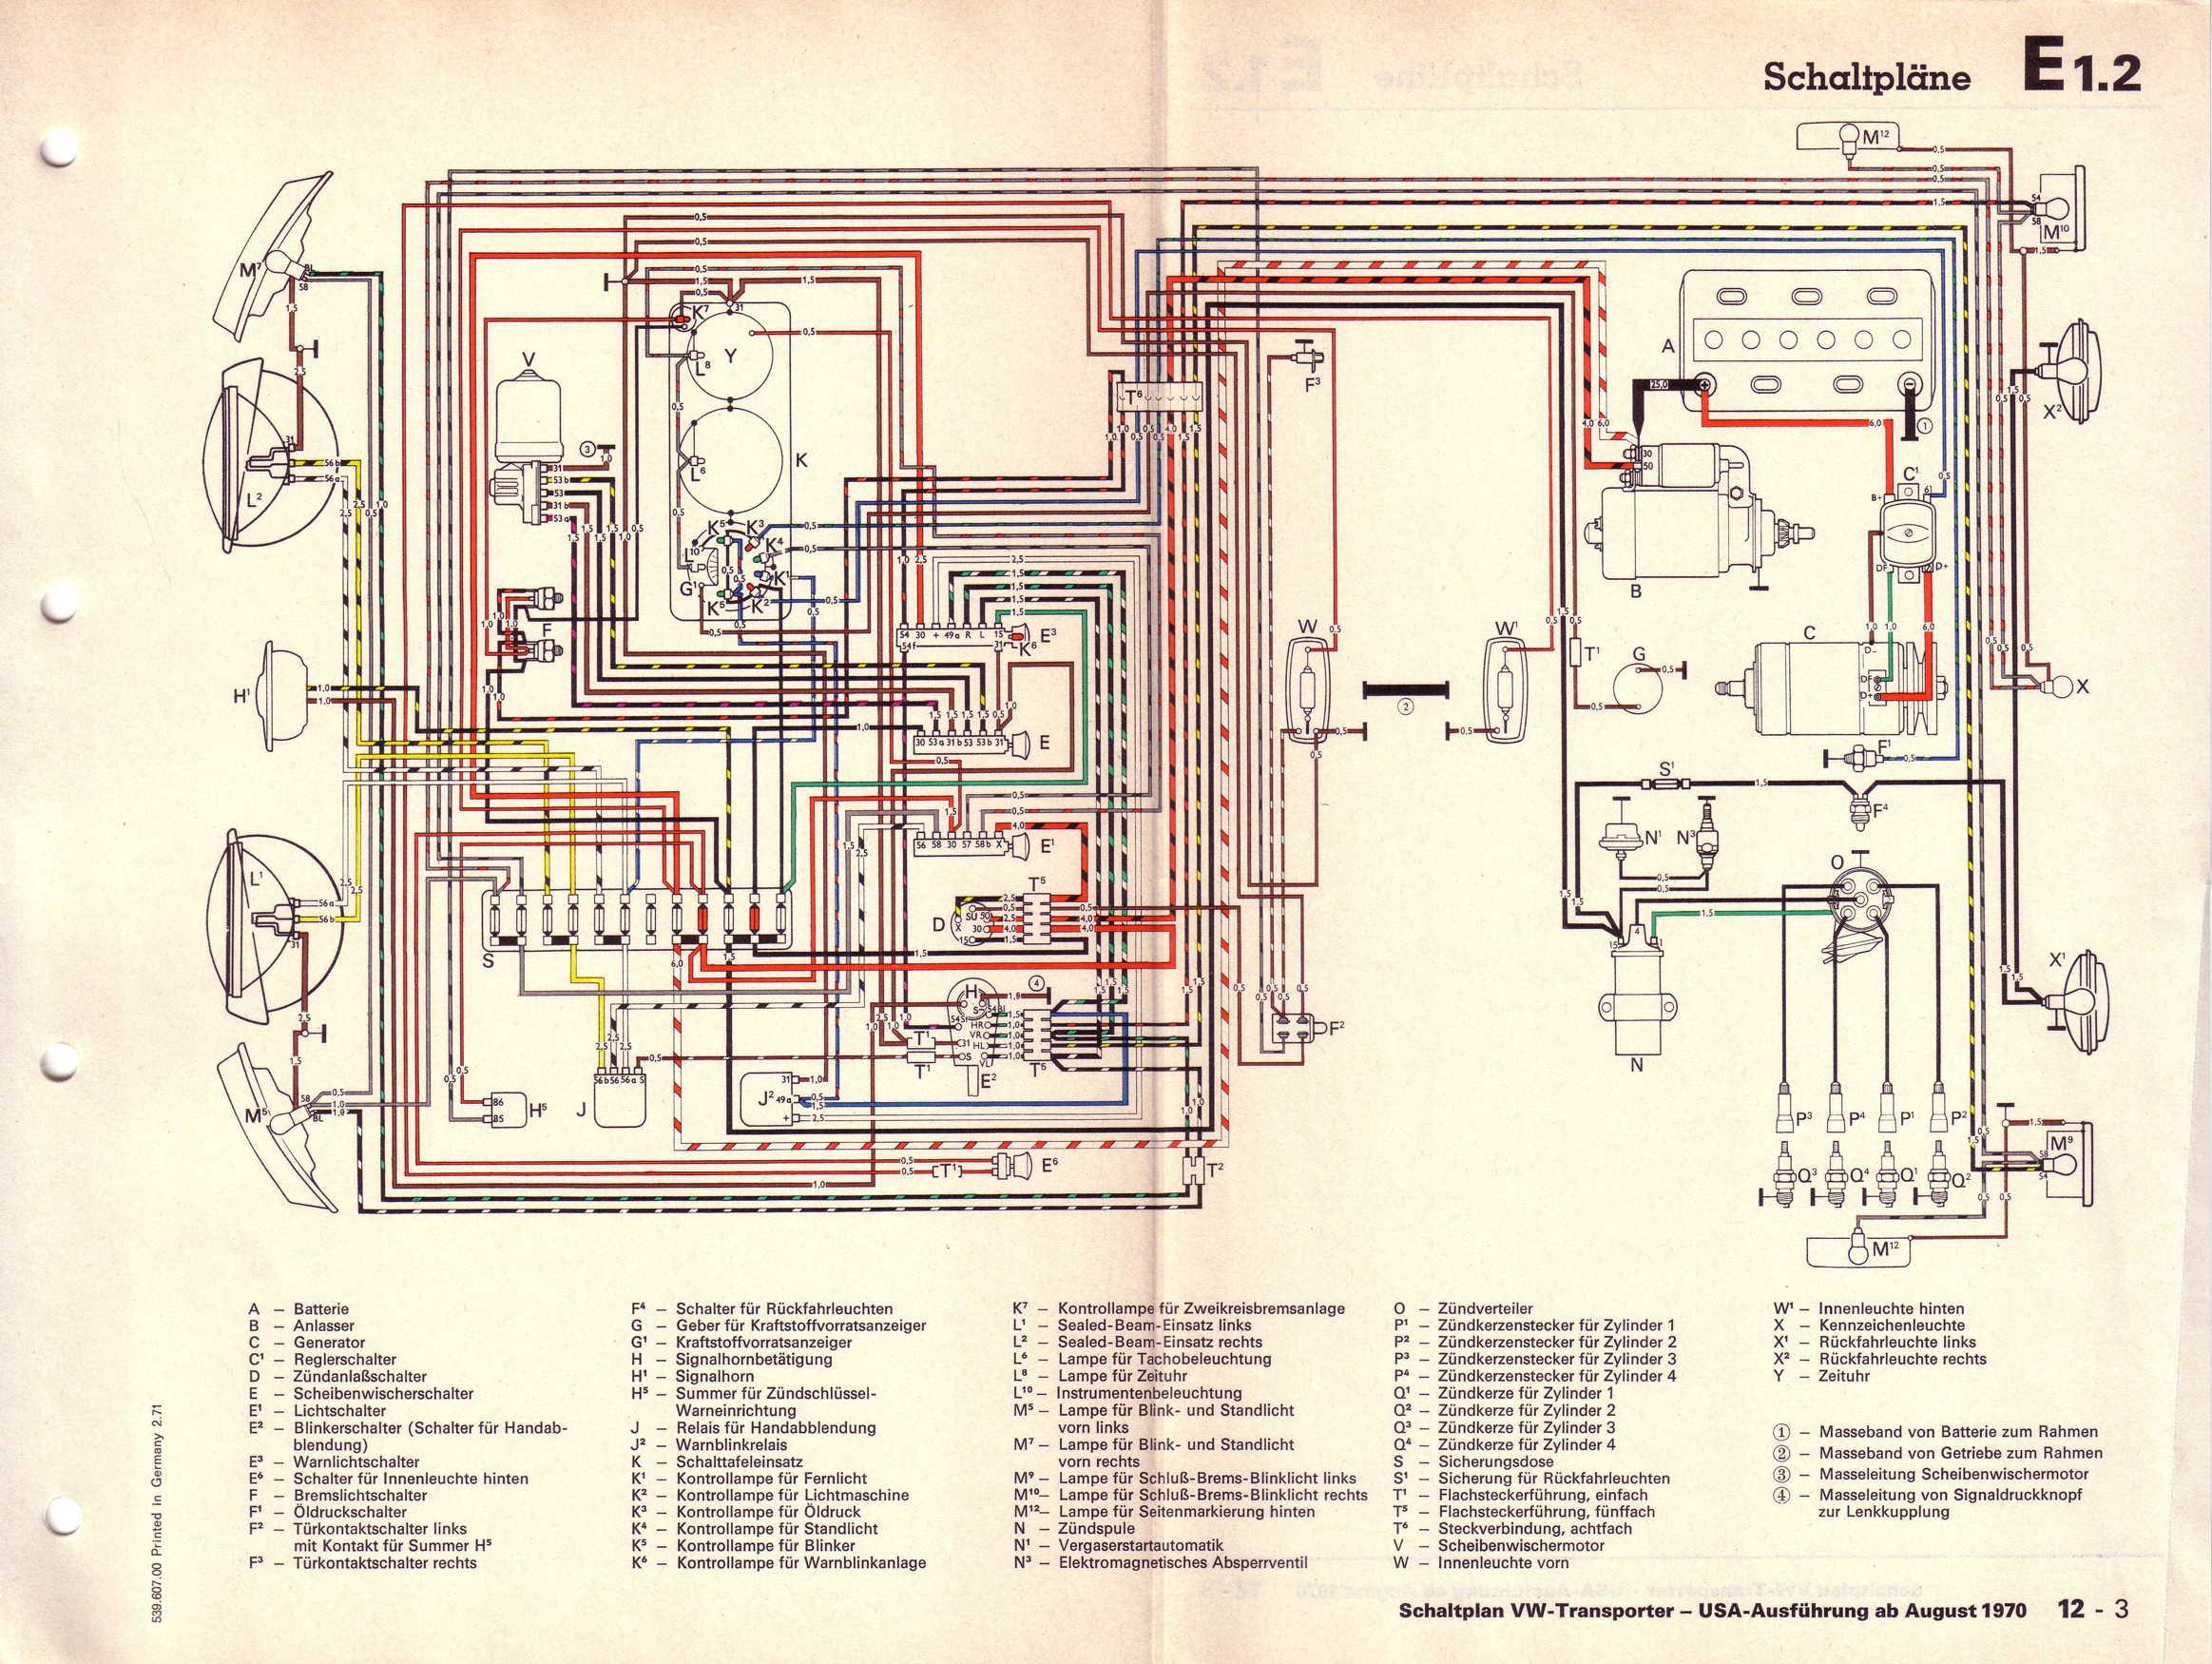 Pleasant Vw Tiguan Wiring Diagram Basic Electronics Wiring Diagram Wiring Cloud Licukaidewilluminateatxorg